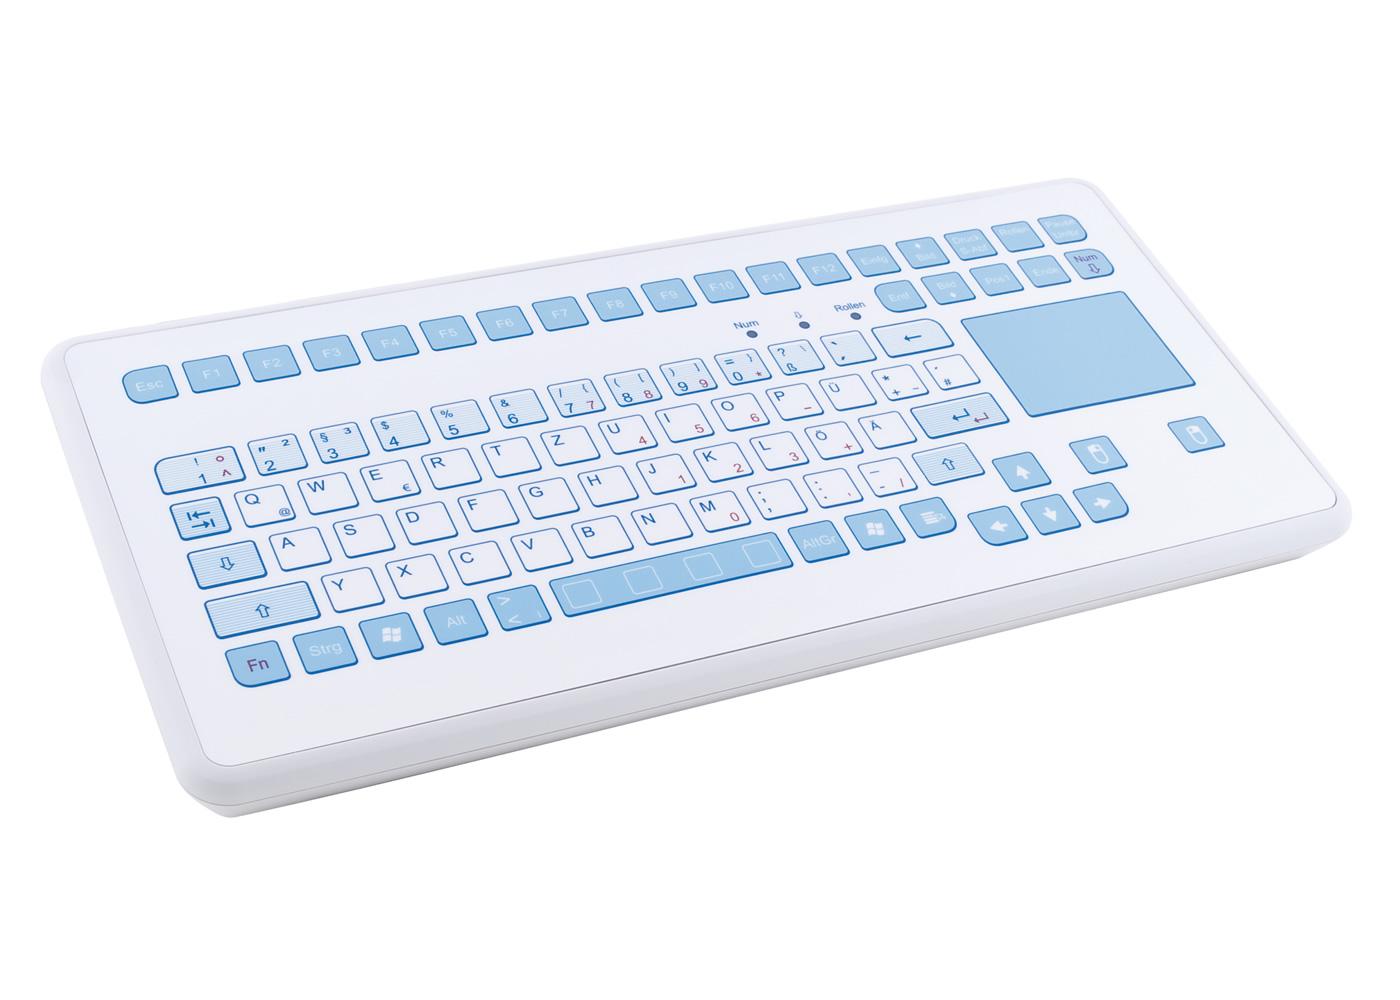 Clavier étanche 88 touches en boitier de table avec touchpad – Antimicrobien